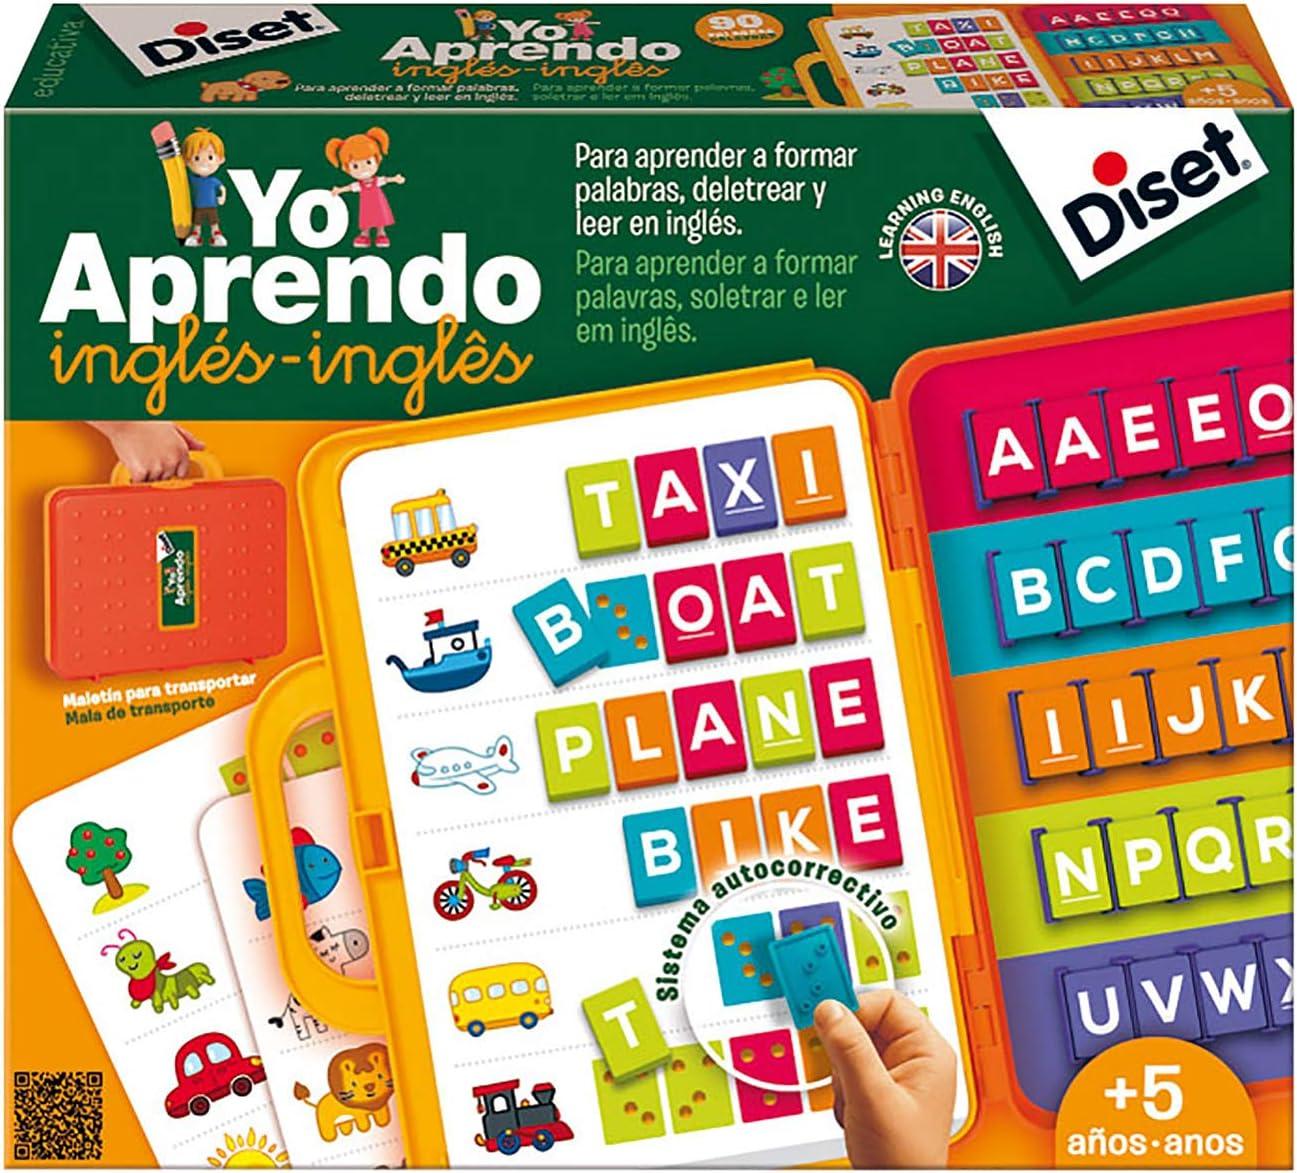 Diset- Maletín, 31.8 x 26.2 x 6.1 (63727): Amazon.es: Juguetes y juegos